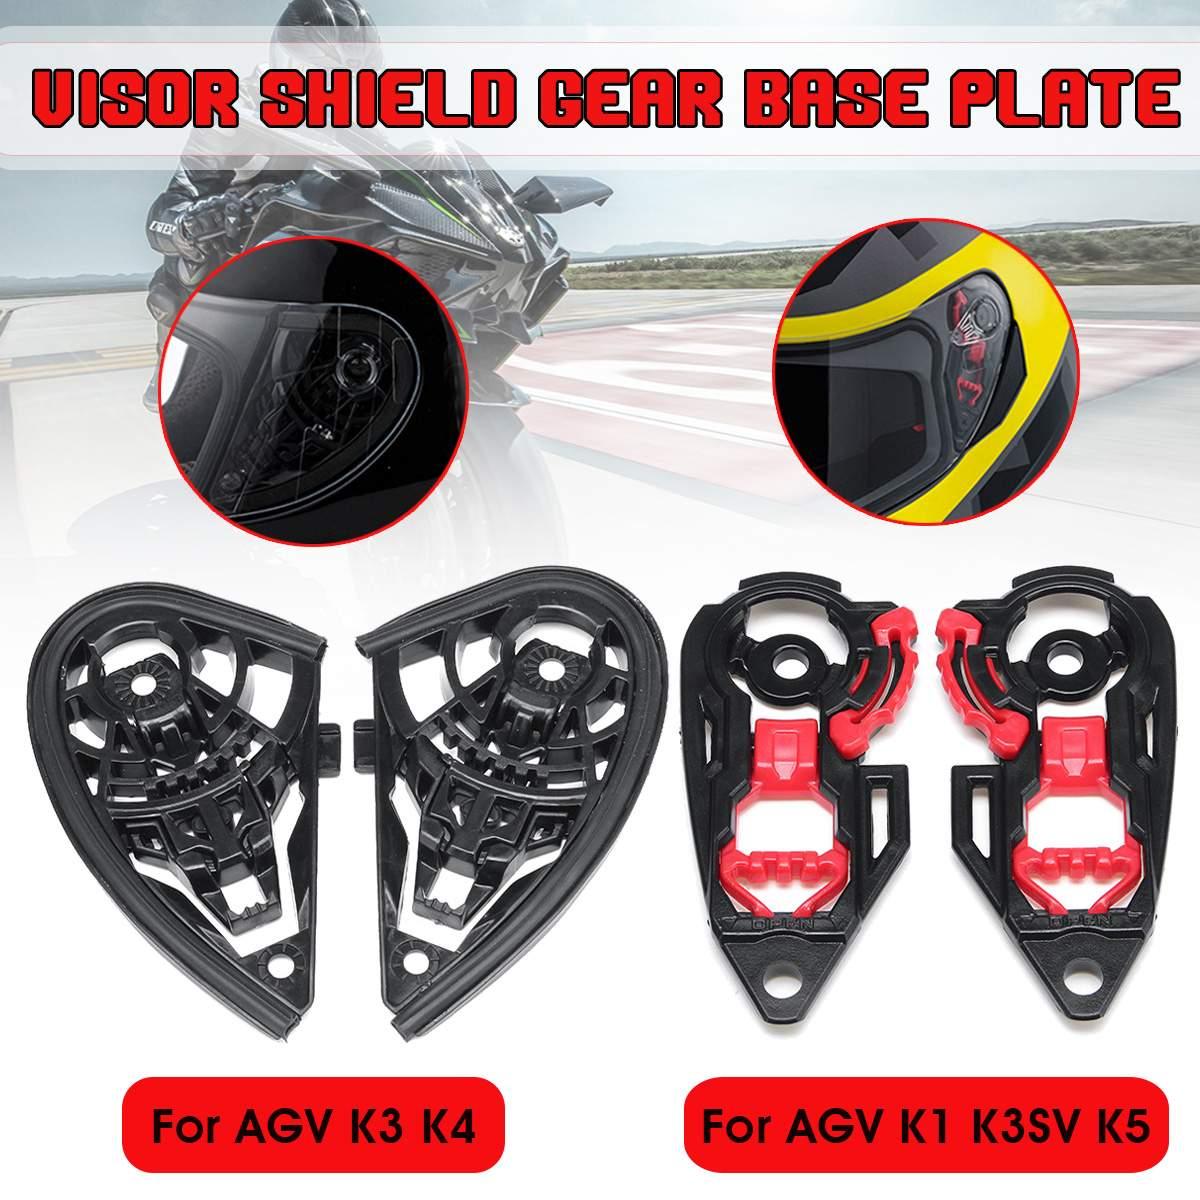 Par casco de motocicleta Visor escudo Base de engranajes placa lente titular para AGV K1 K3SV K5 / K3 K4